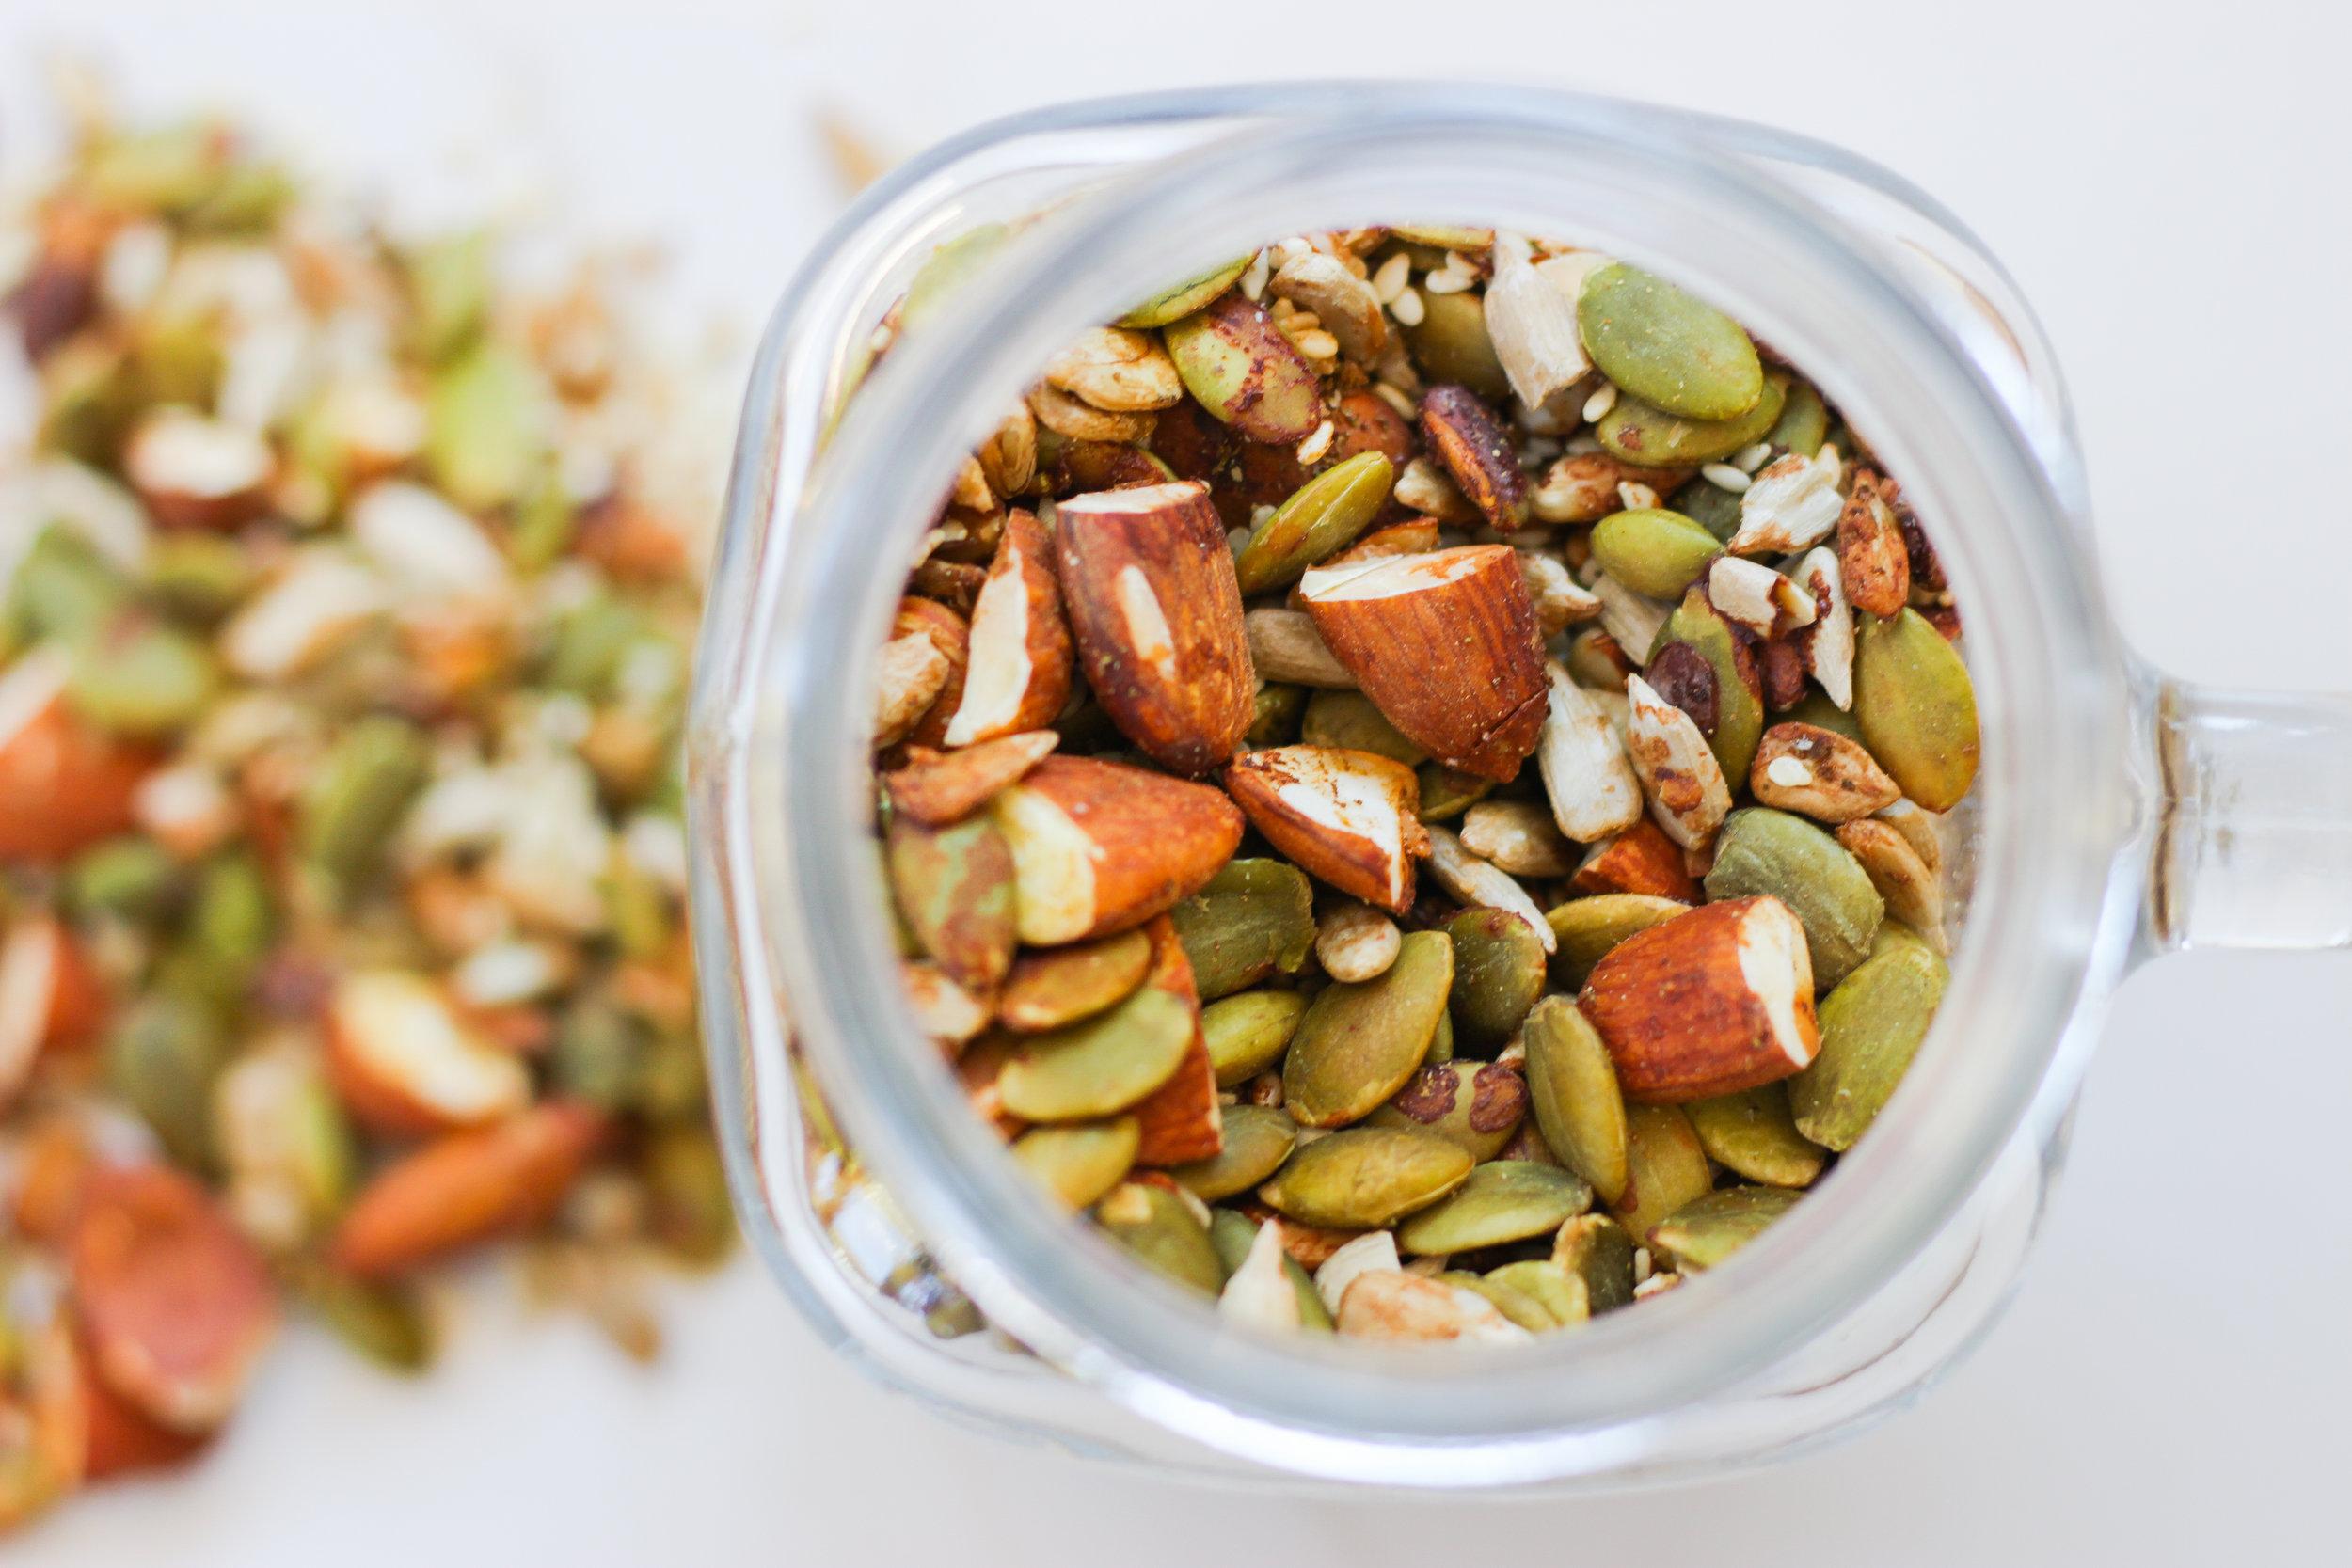 Savoury Nuts & Seeds